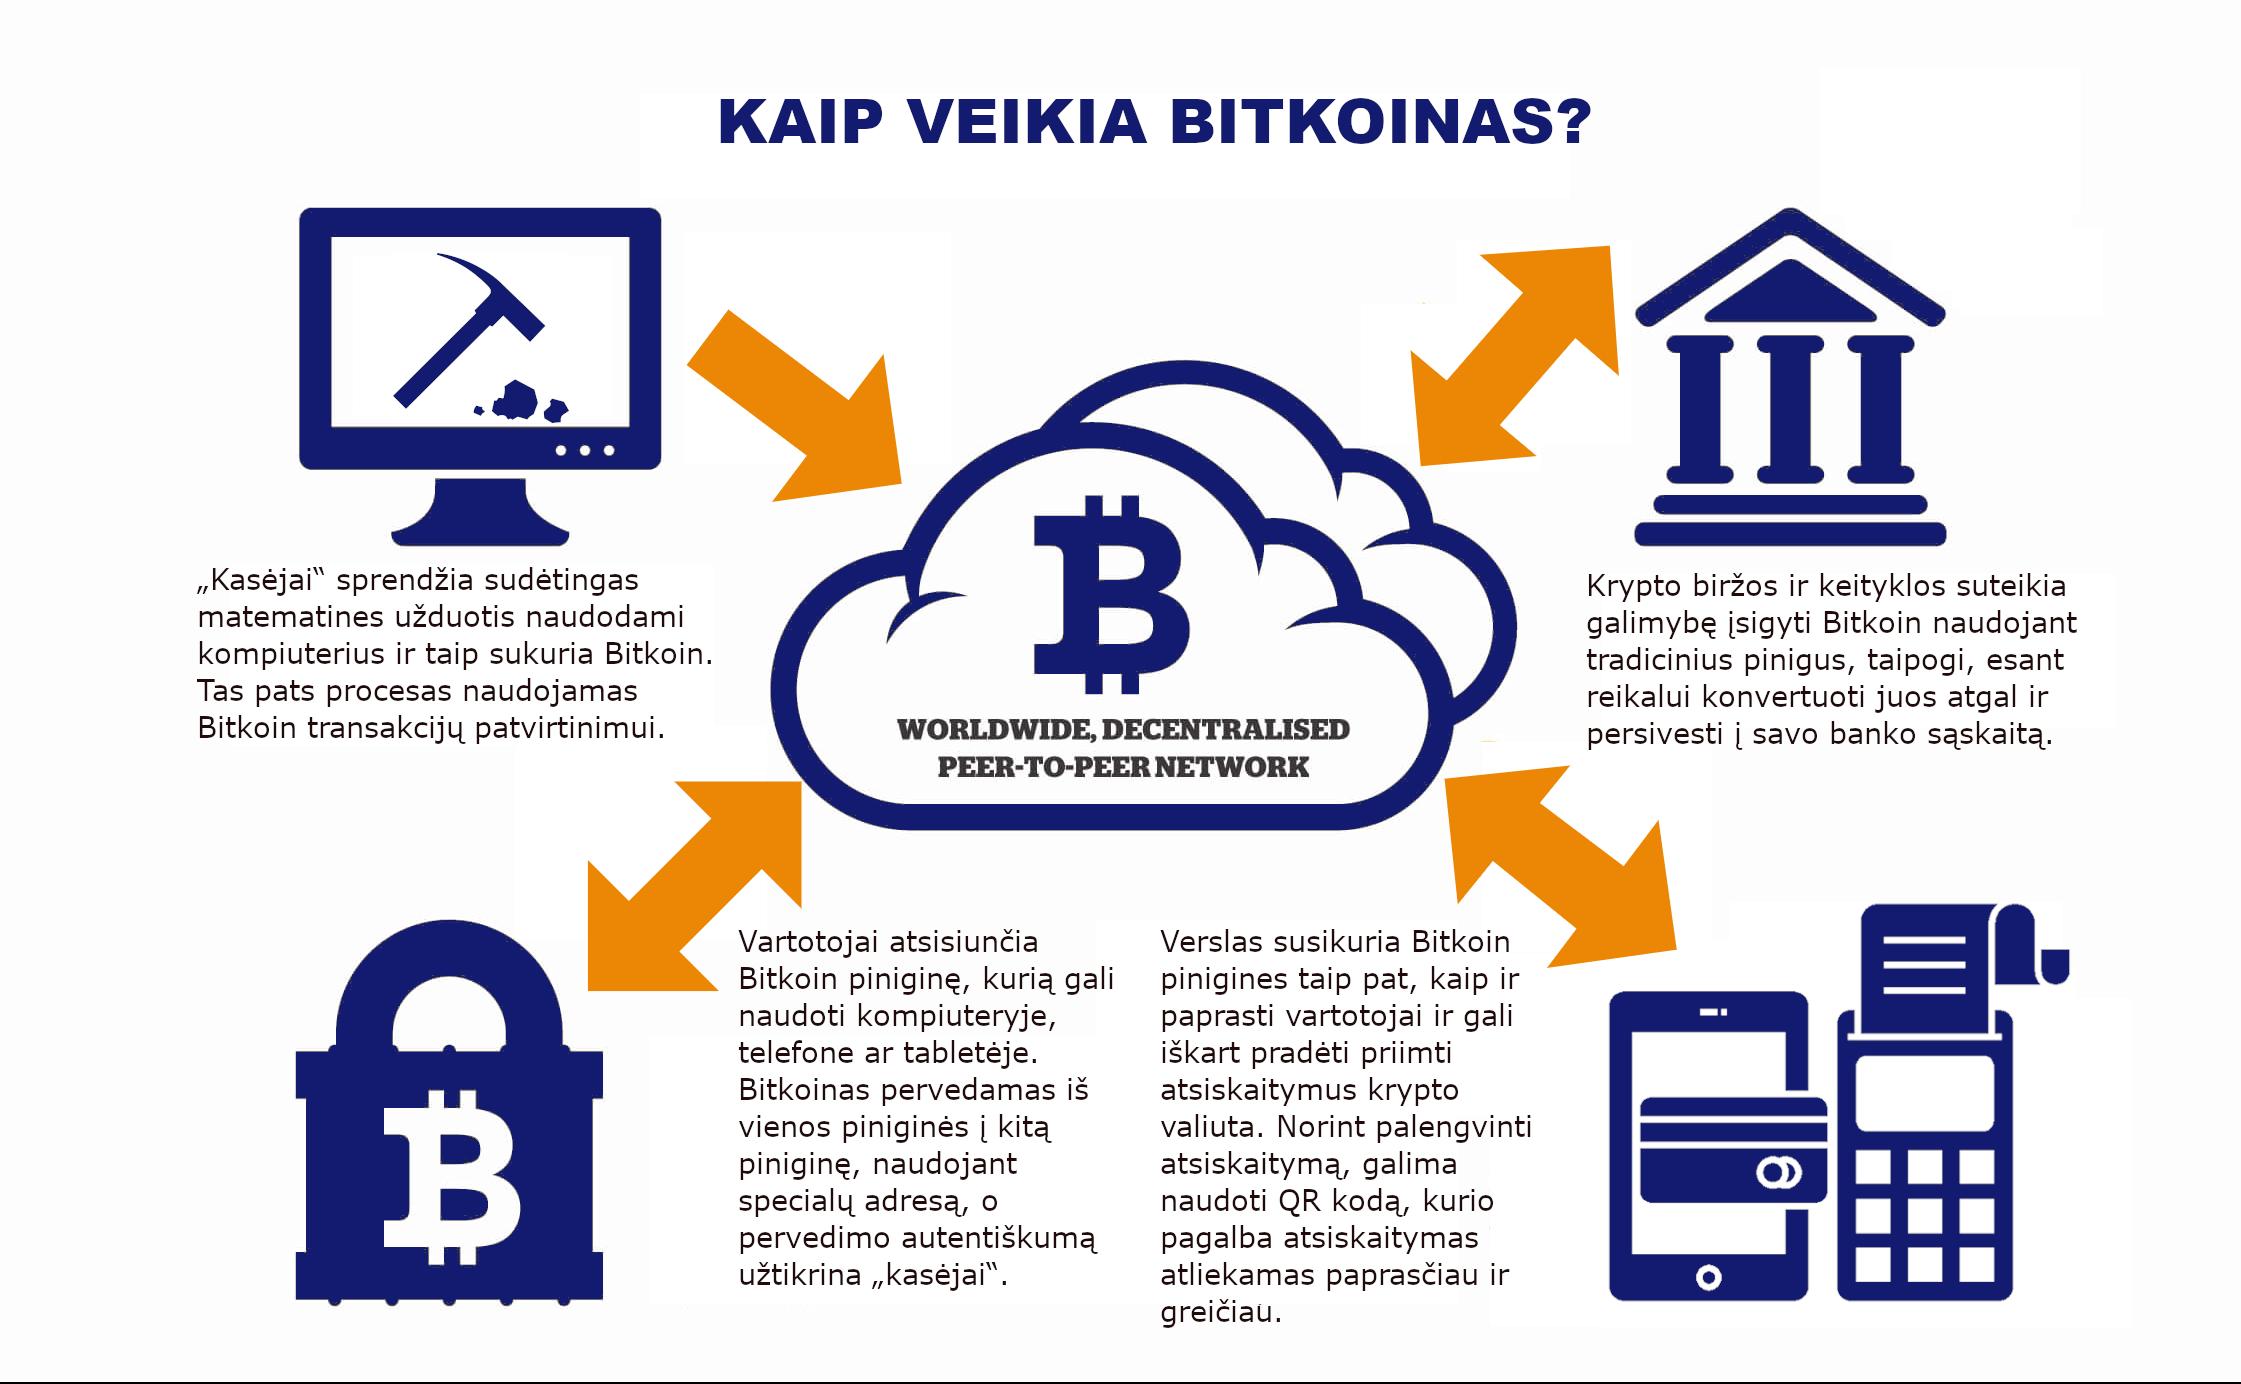 Kaip užsidirbti pinigų iš savo bitcoin maišytuvo: Galite Uždirbti Pinigus Iš Bitcoin Prekybos